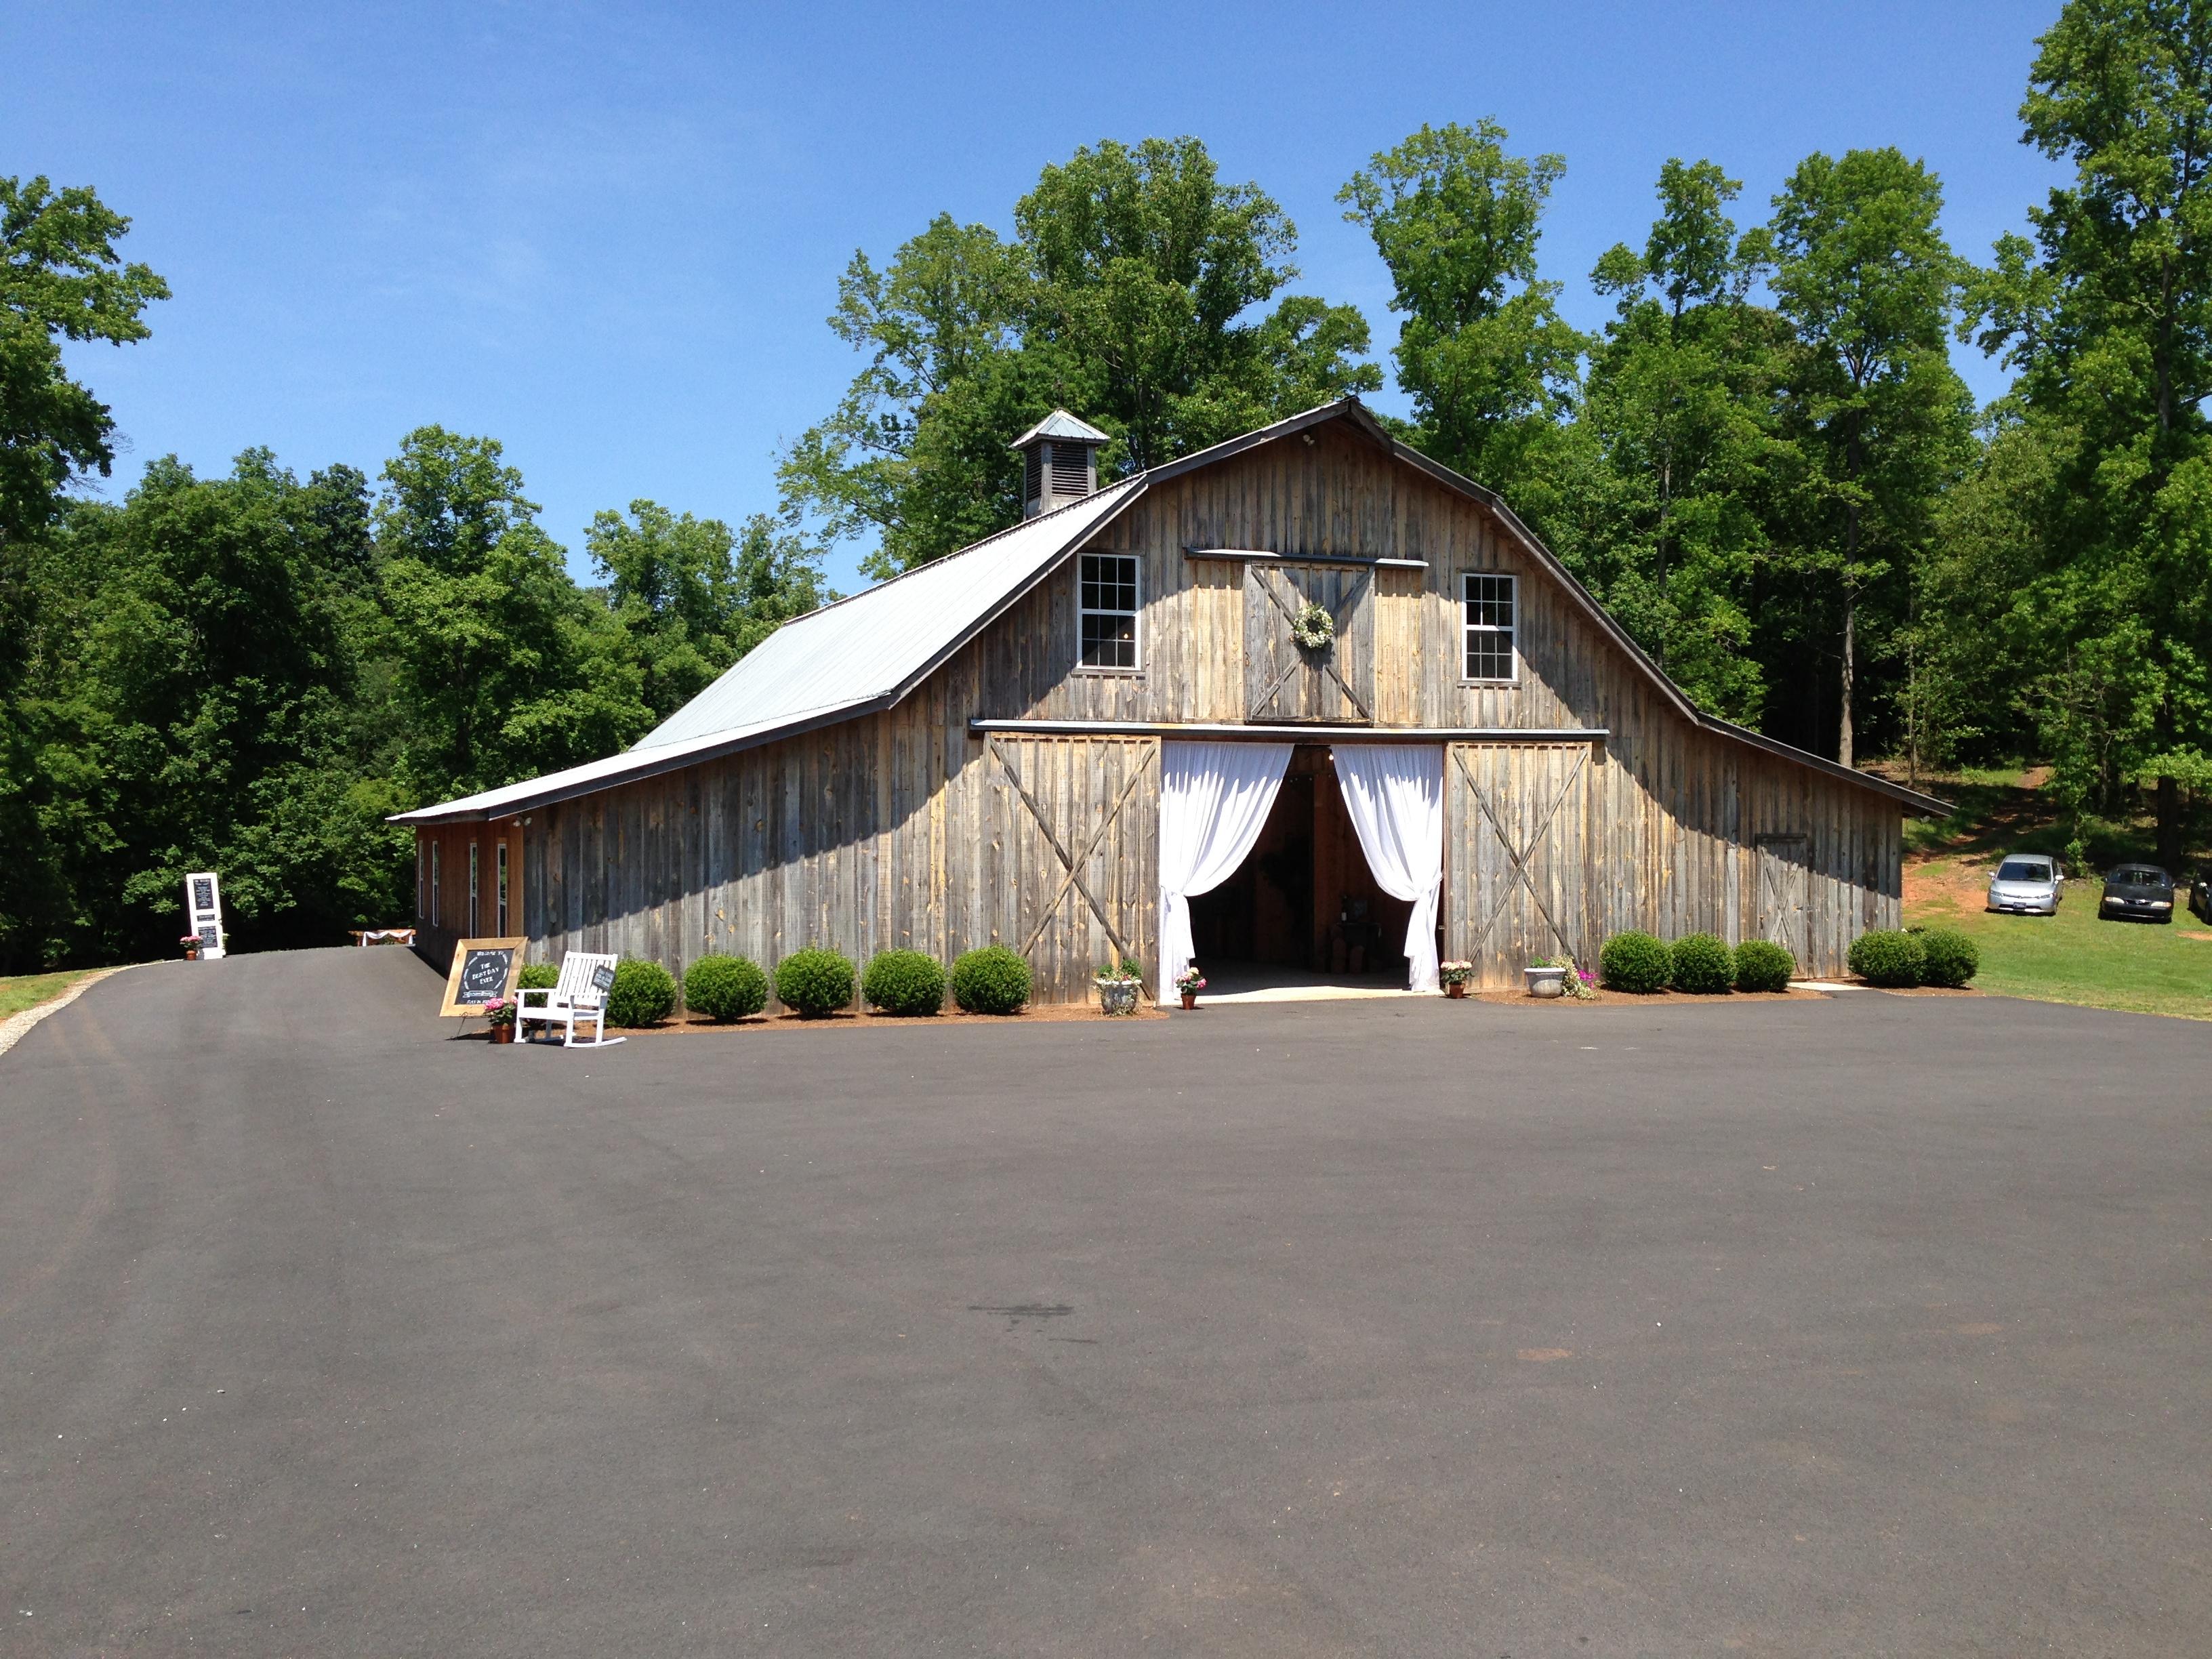 The Densmore Farm, North GA Barn Wedding, Barn Wedding North Georgia